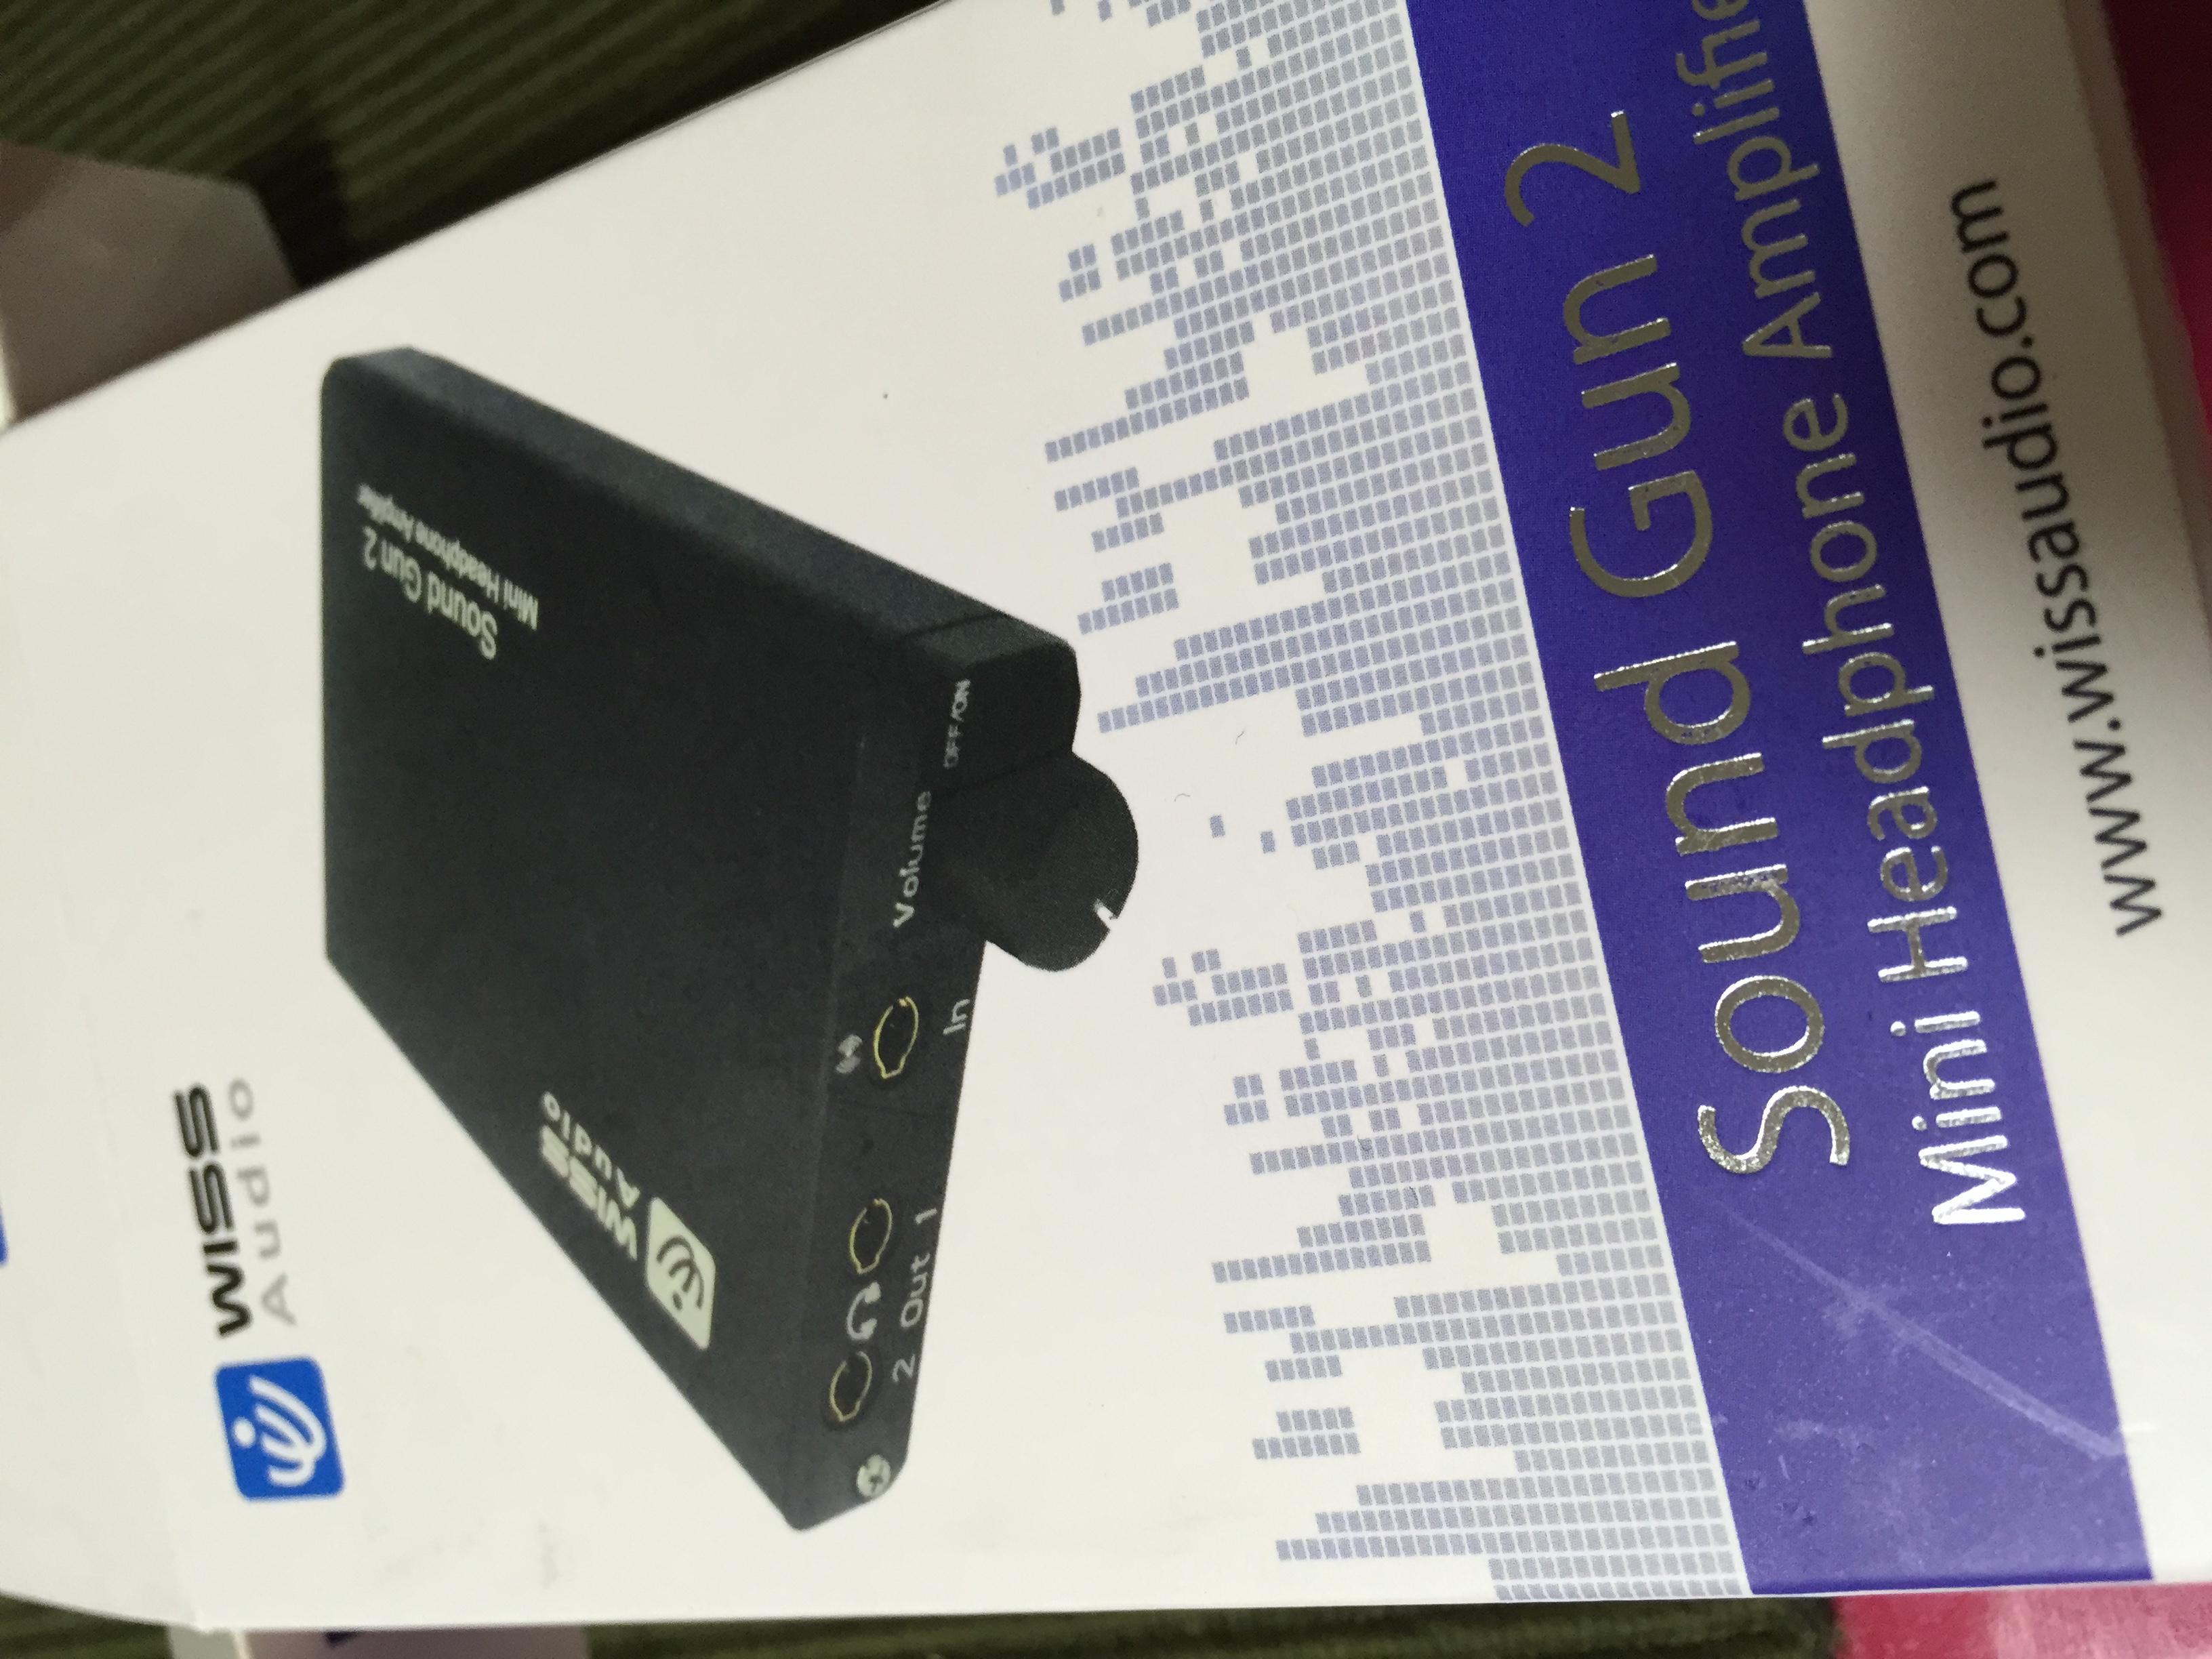 ヘッドフォンアンプSoundGun2を導入